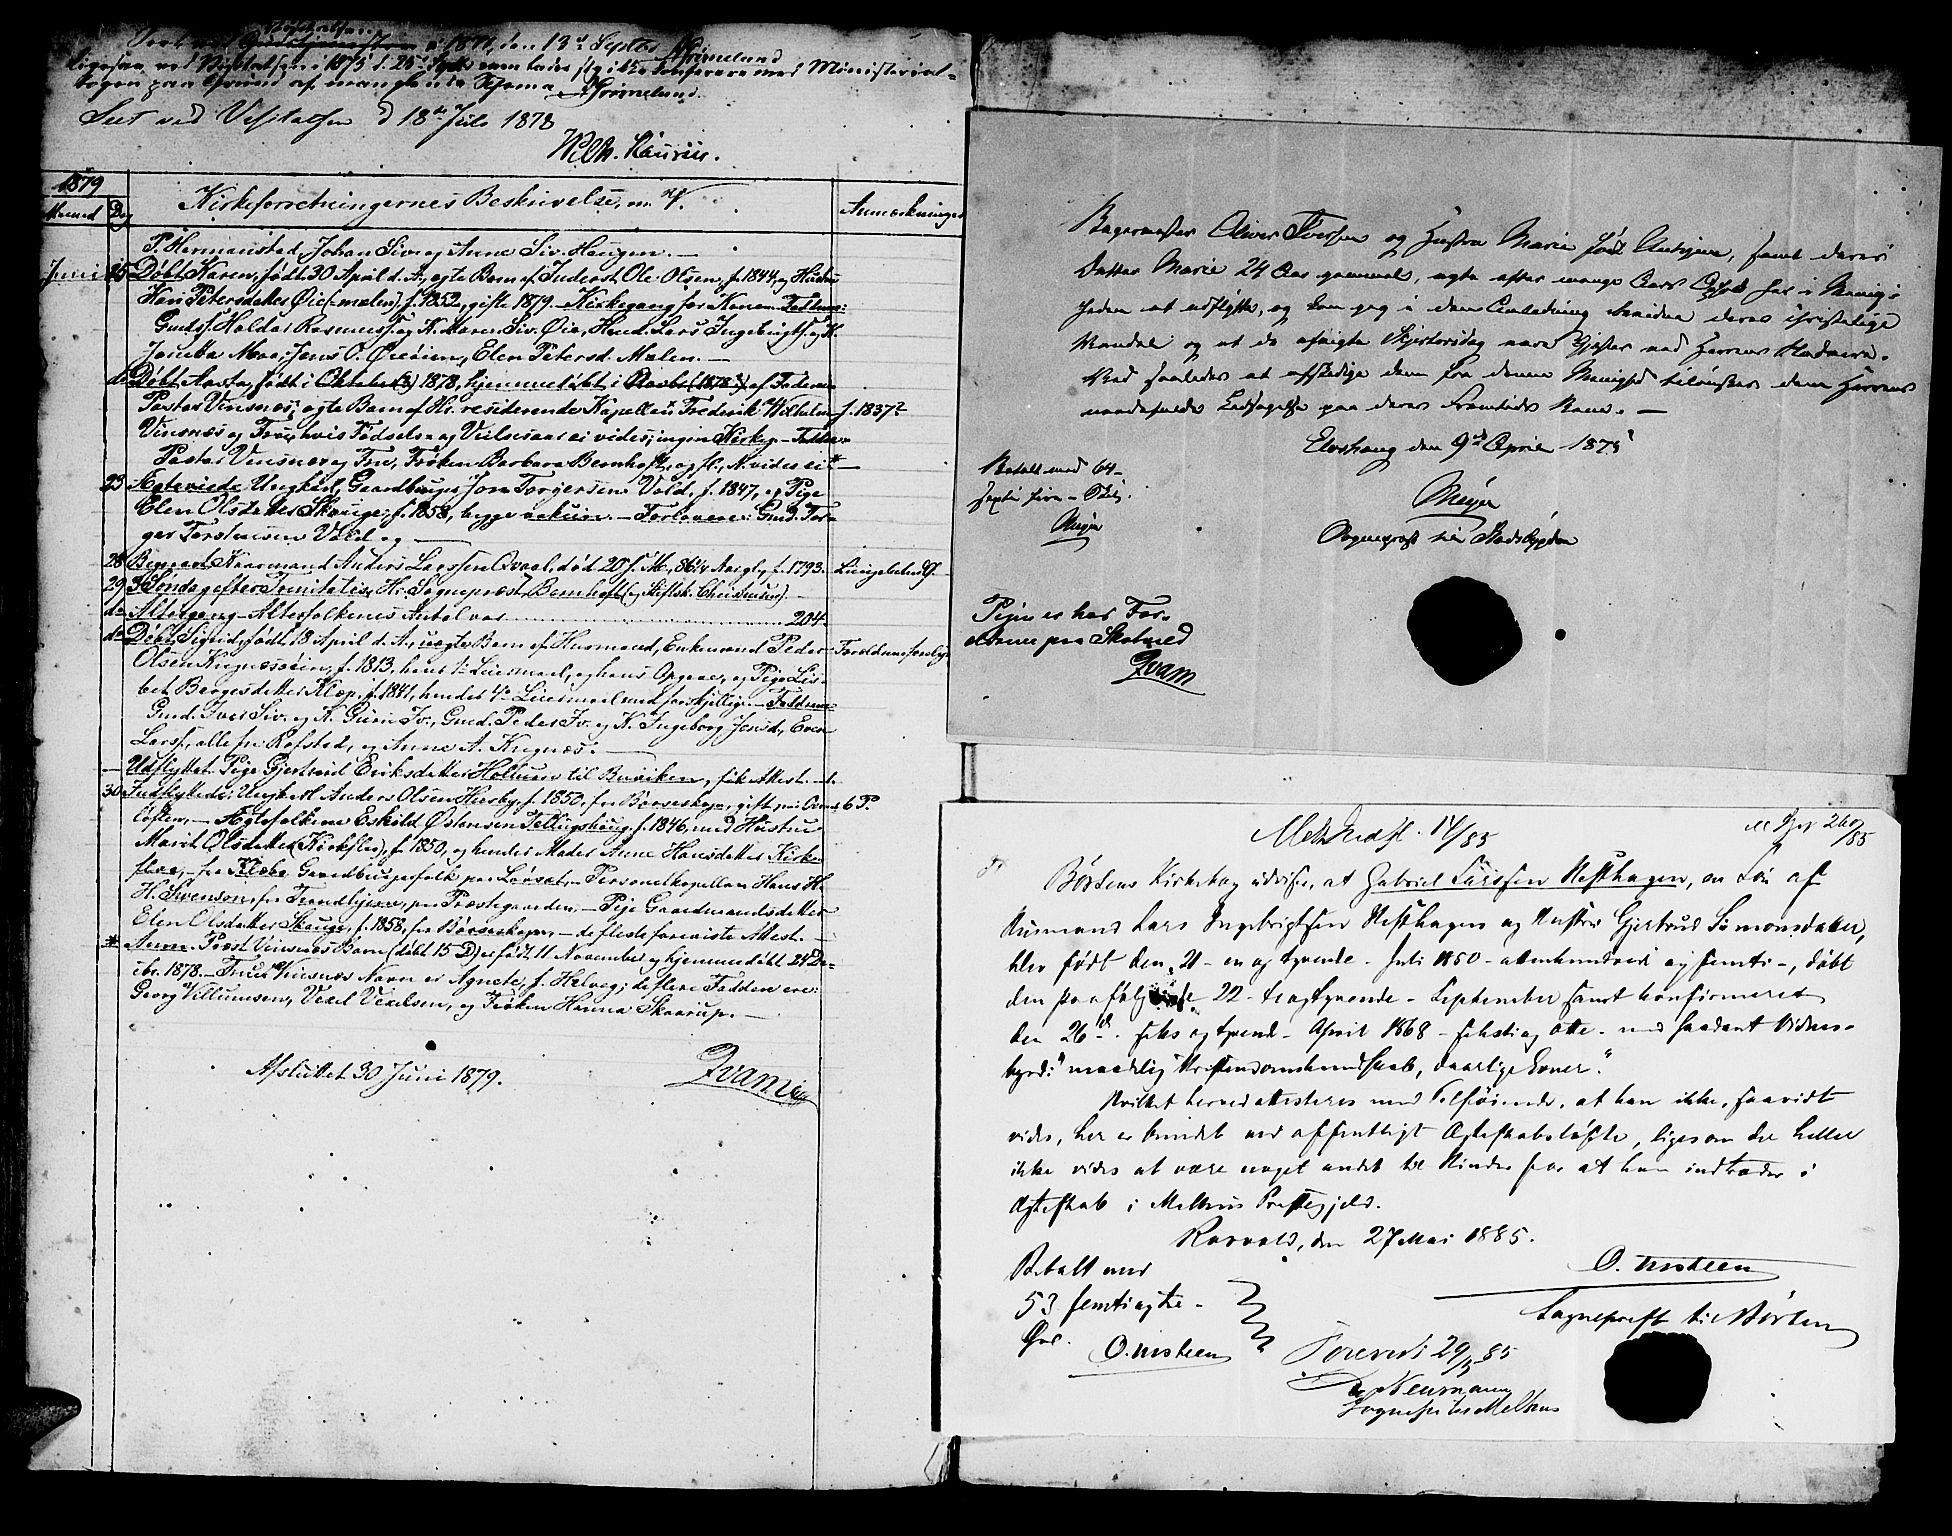 SAT, Ministerialprotokoller, klokkerbøker og fødselsregistre - Sør-Trøndelag, 691/L1093: Klokkerbok nr. 691C04, 1852-1879, s. 141